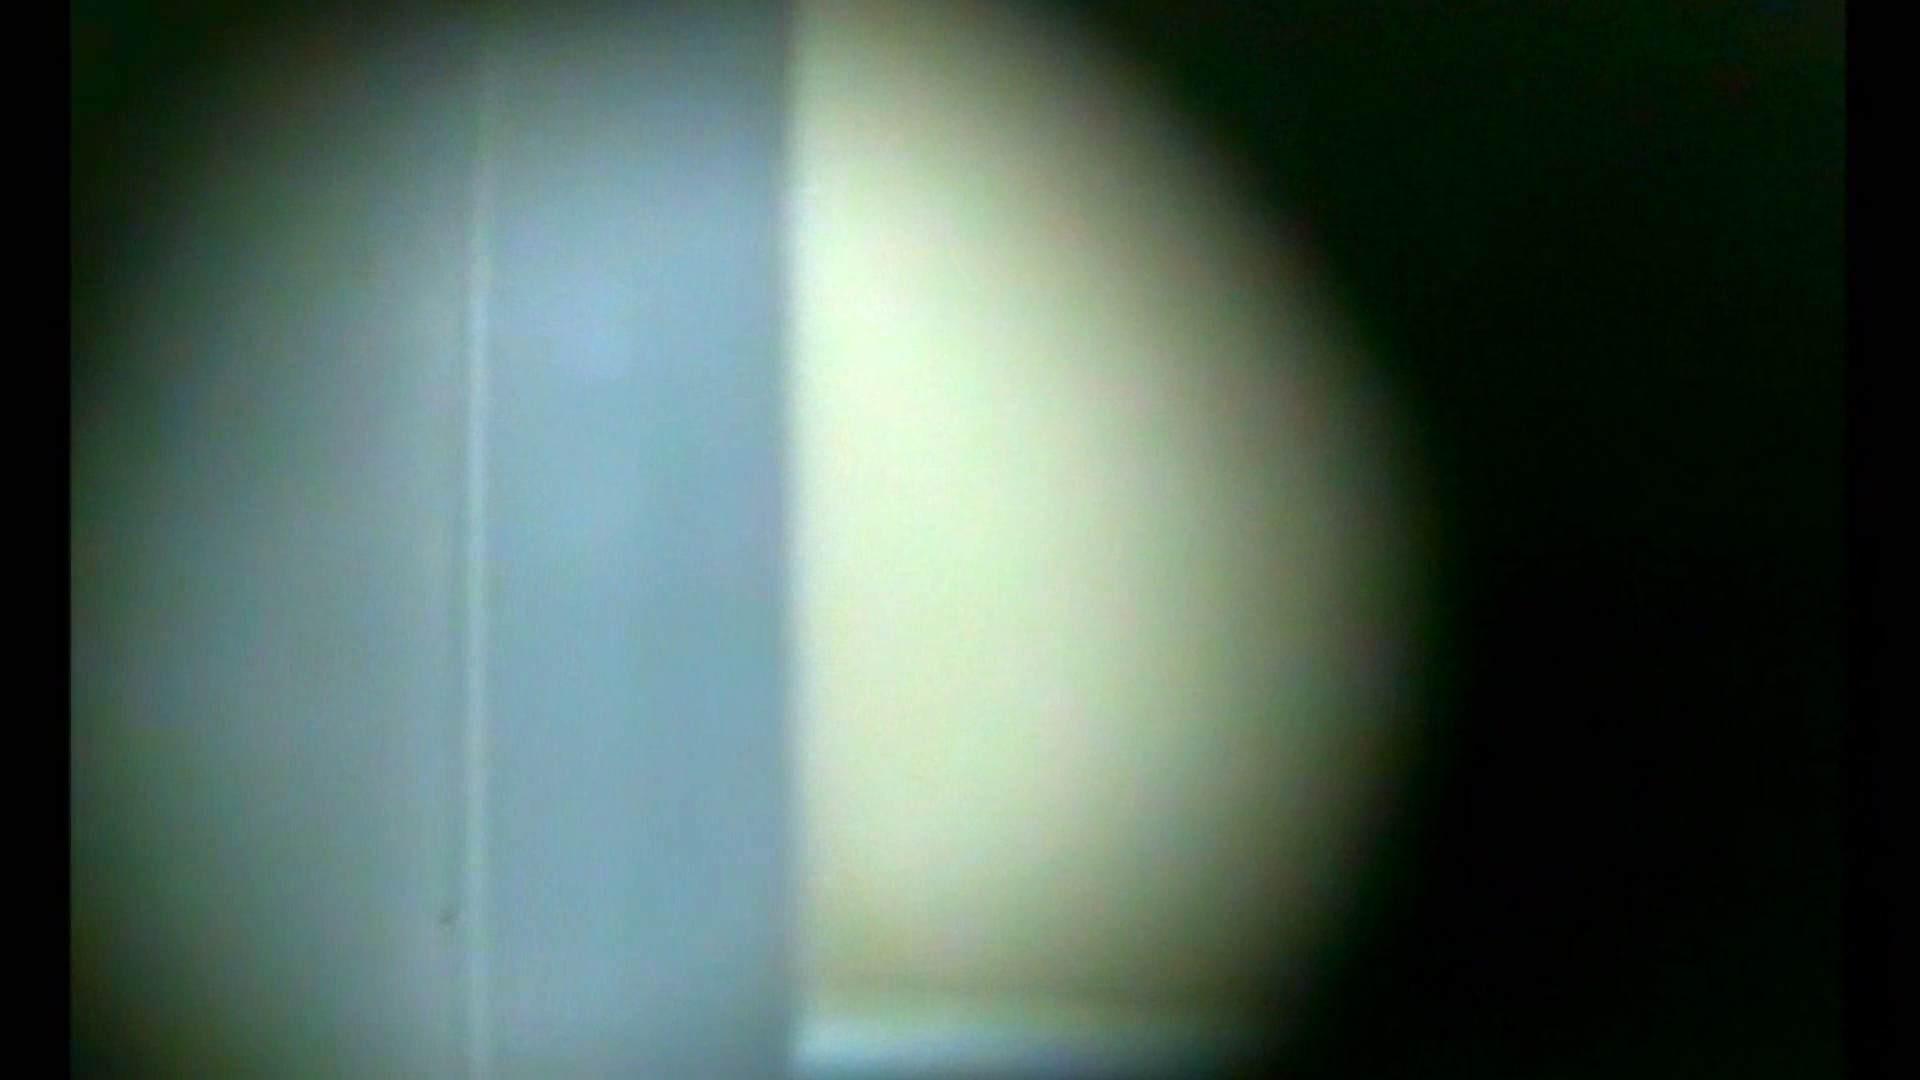 イケメンの素顔in洗面所 Vol.16 男天国 | イケメンのsex  109pic 41